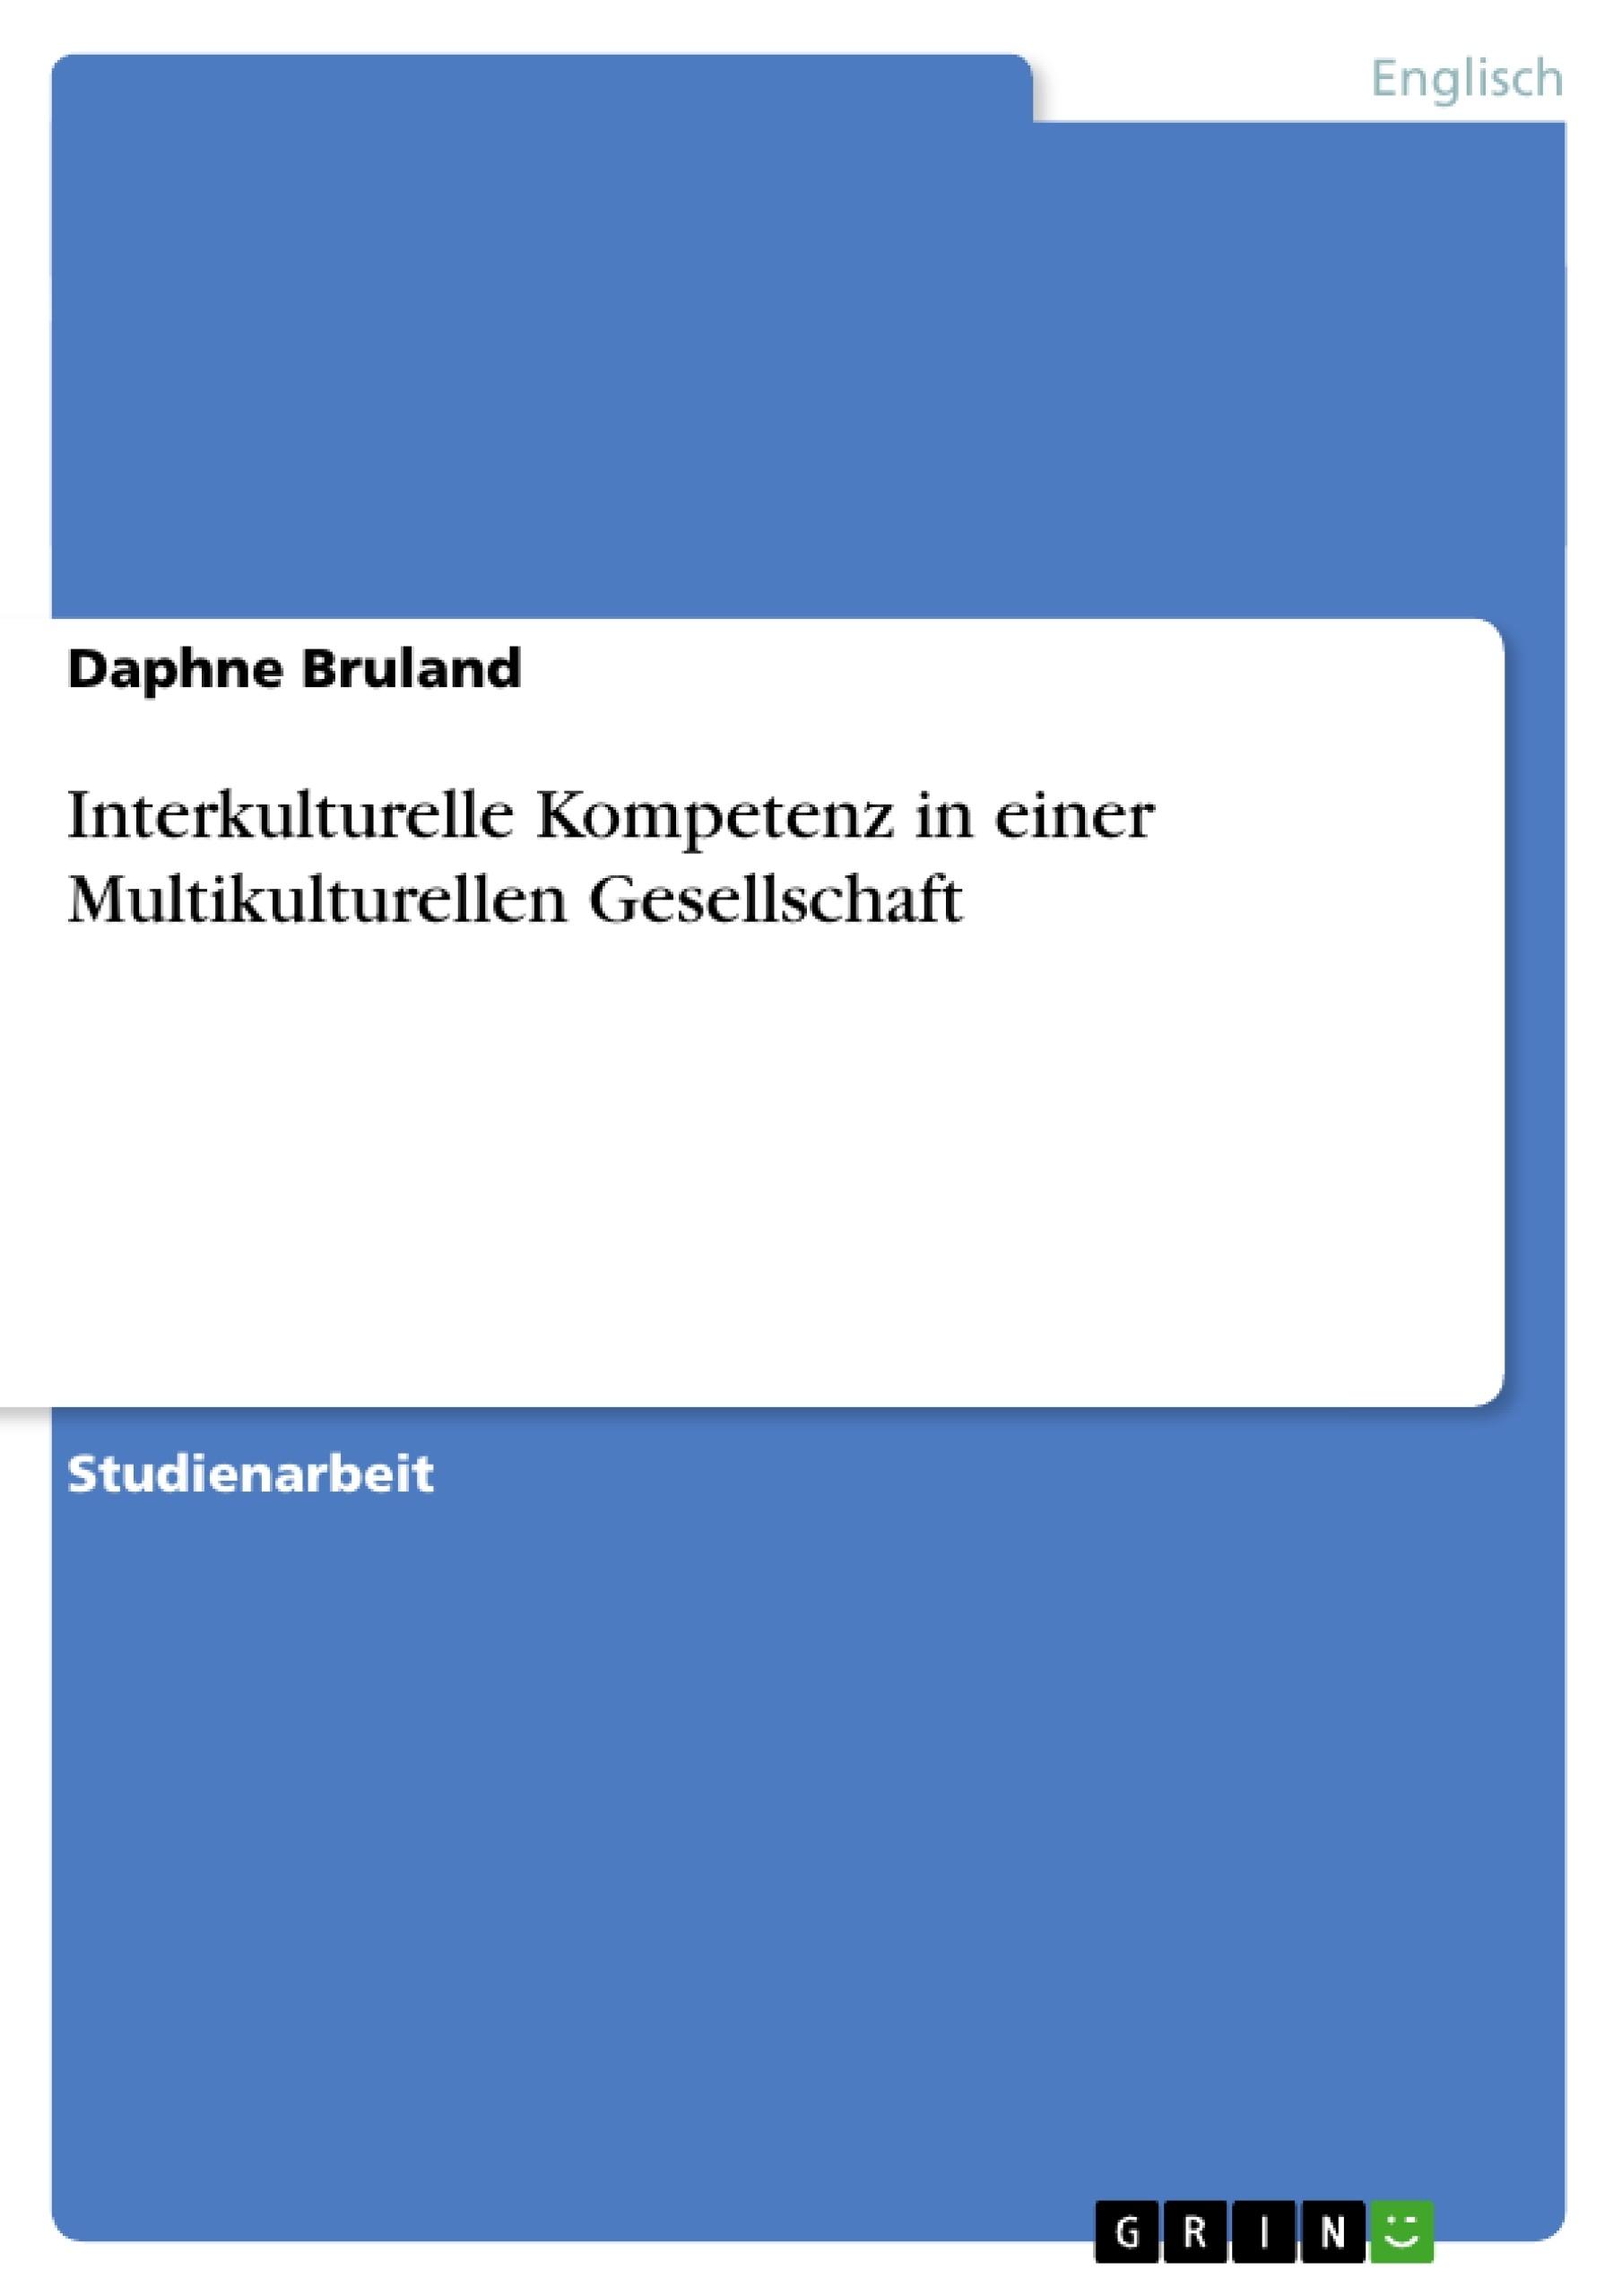 Titel: Interkulturelle Kompetenz in einer Multikulturellen Gesellschaft